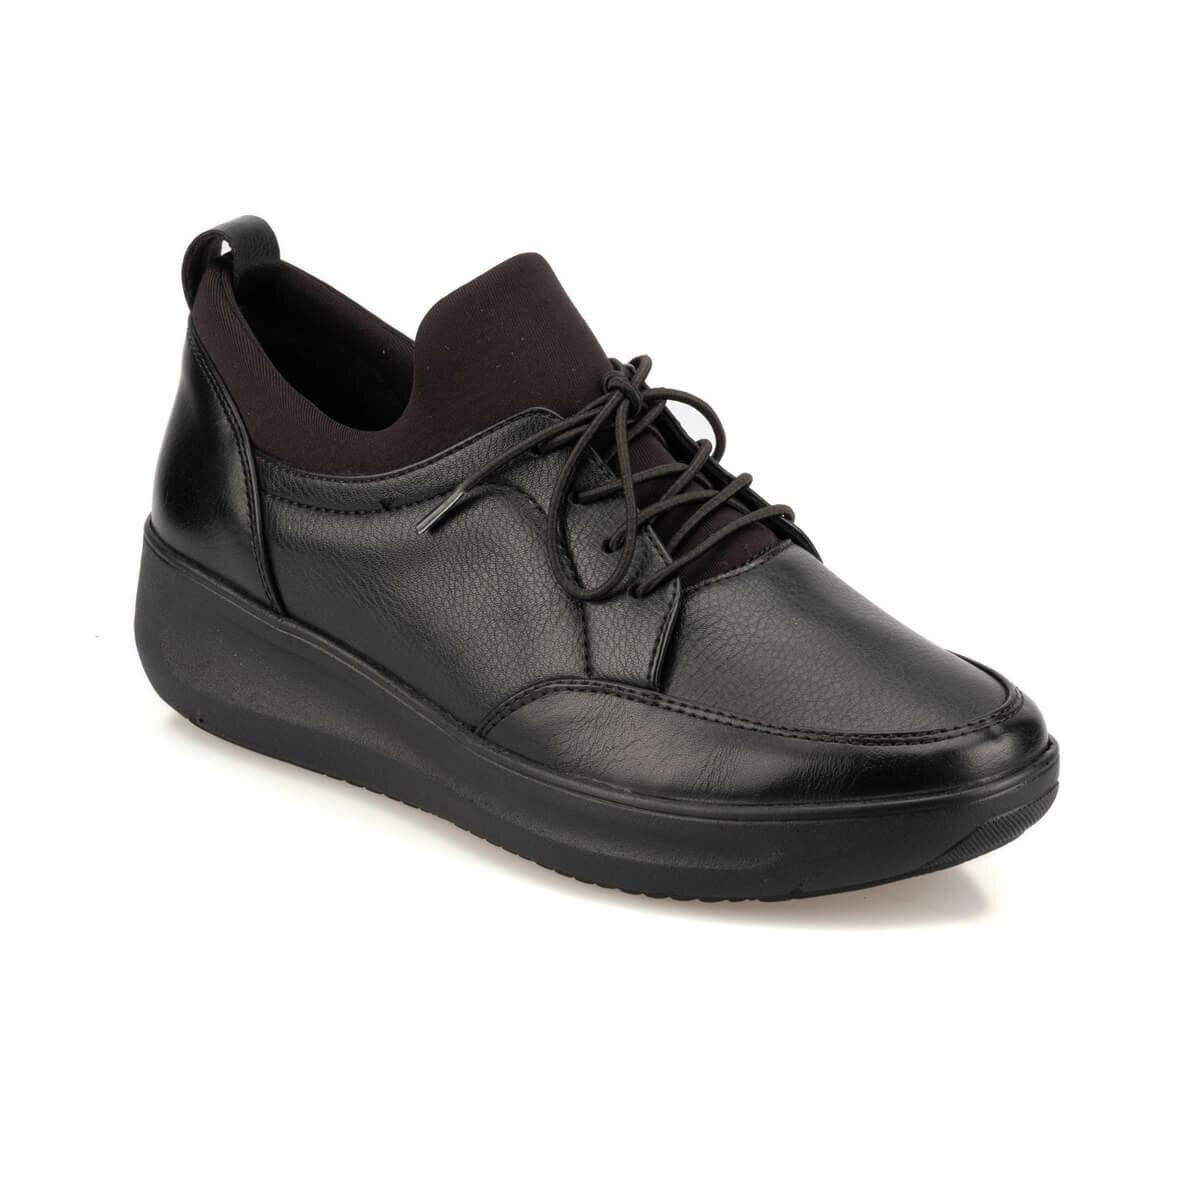 FLO TRV920065 Black Women 'S Sneaker Shoes Travel Soft